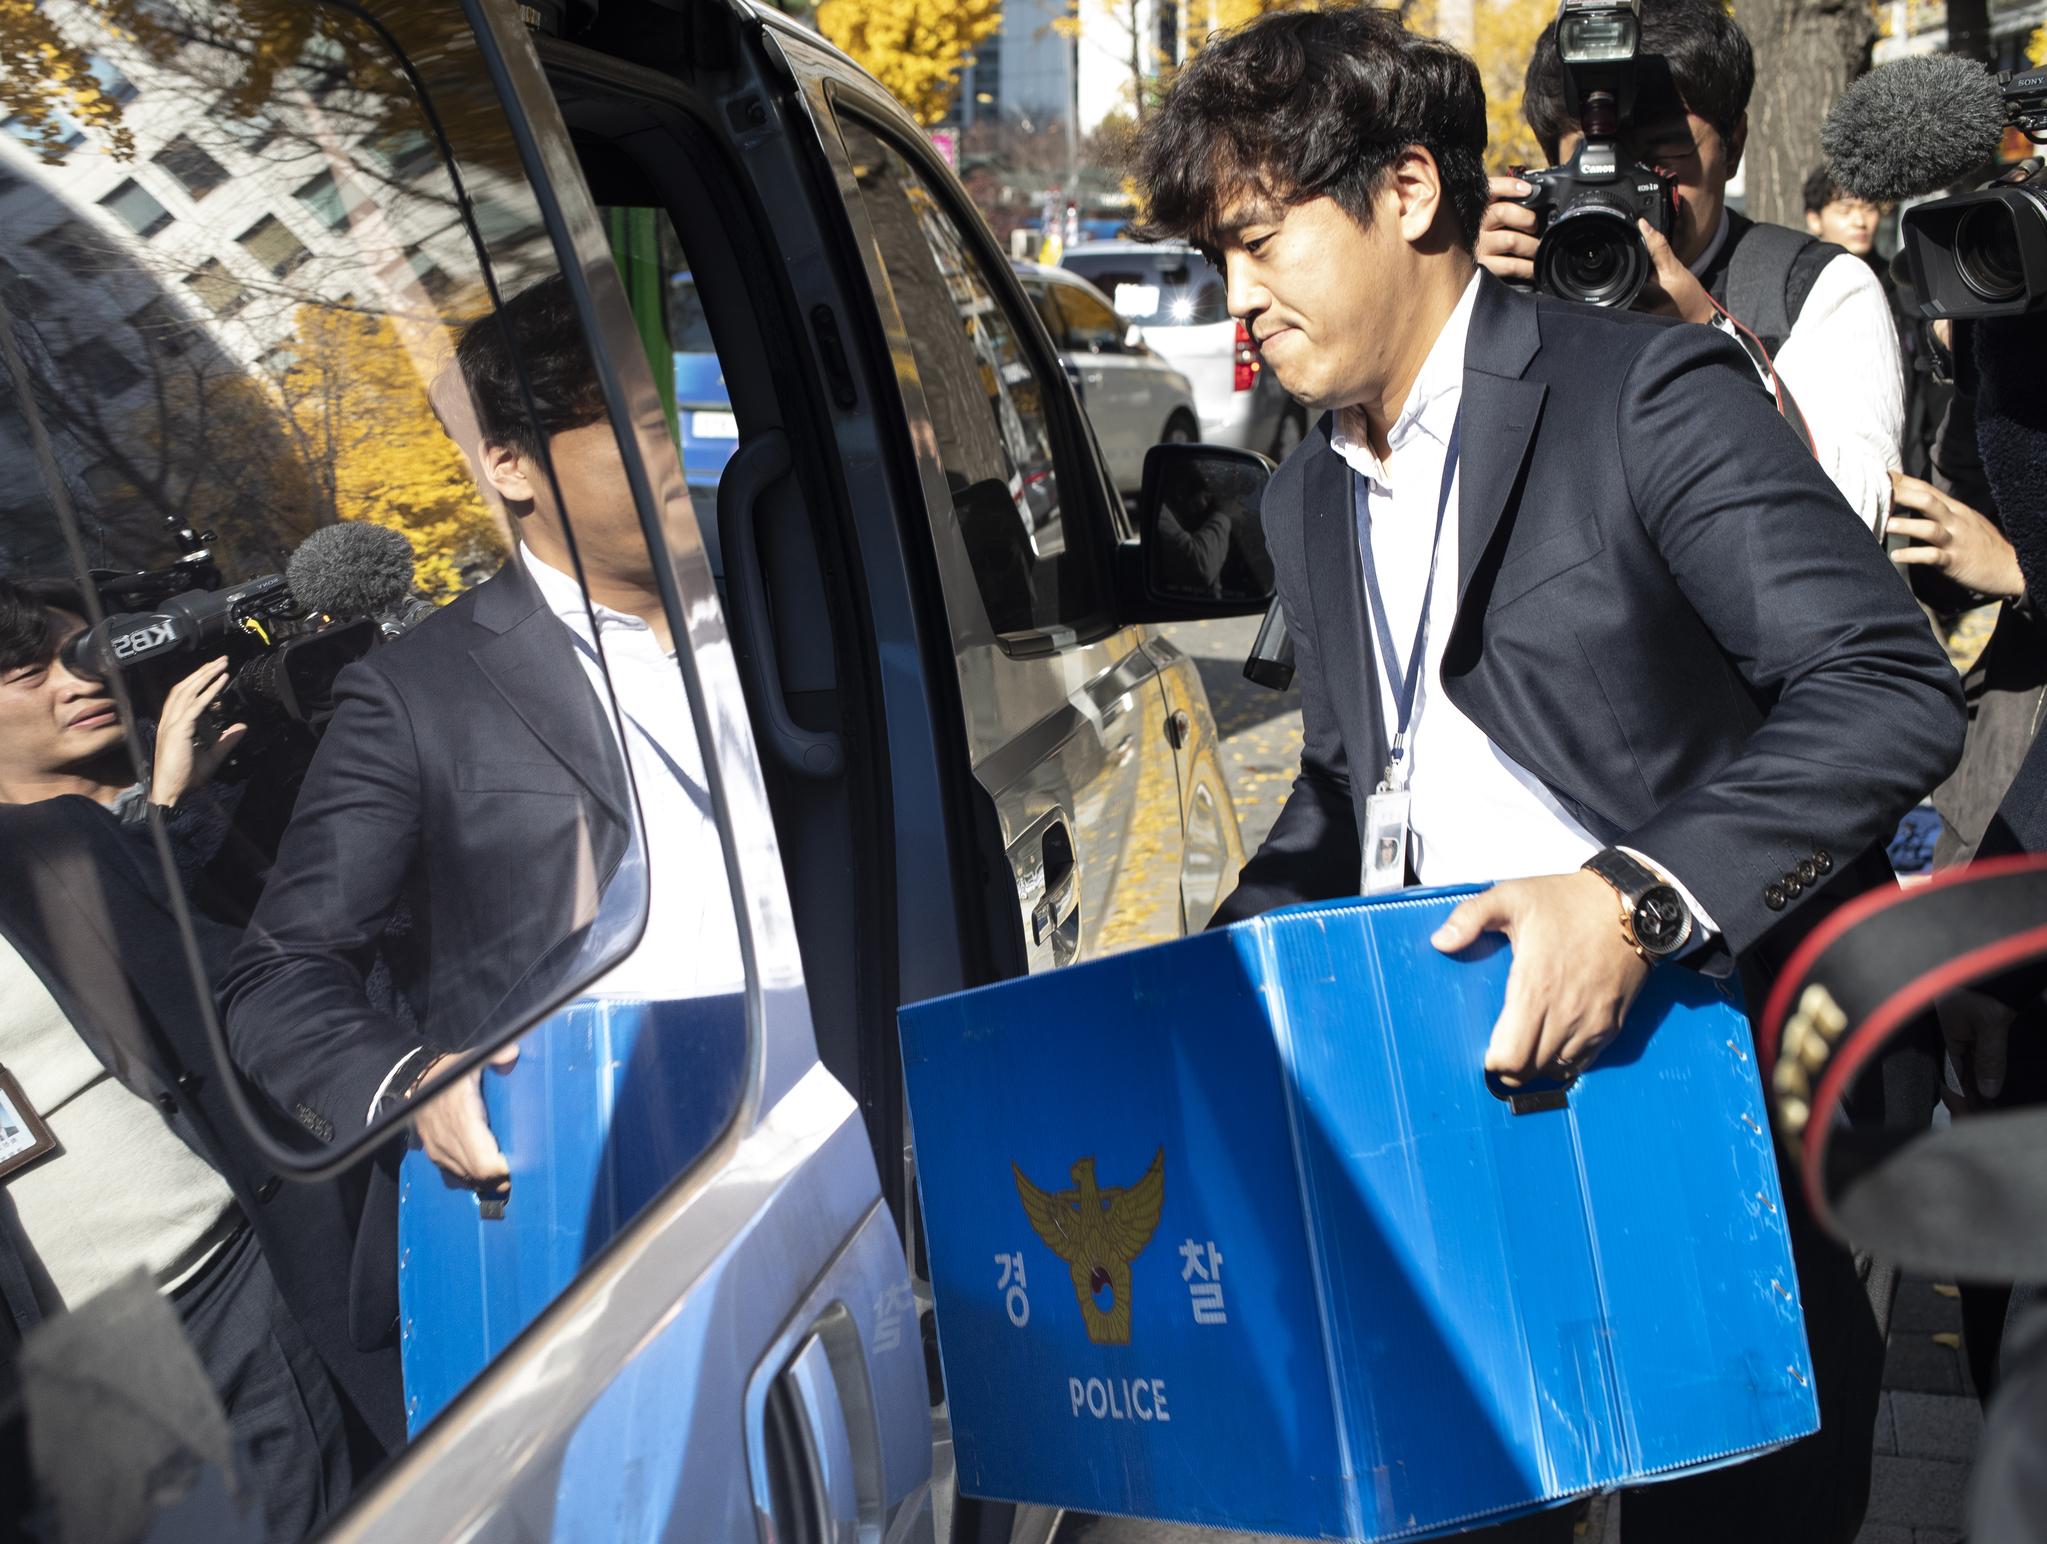 지난달 13일 서울 마포구 한국어린이집총연합회(한어총)를 압수수색한 경찰이 압수품을 차량으로 옮기고 있다. [연합뉴스]